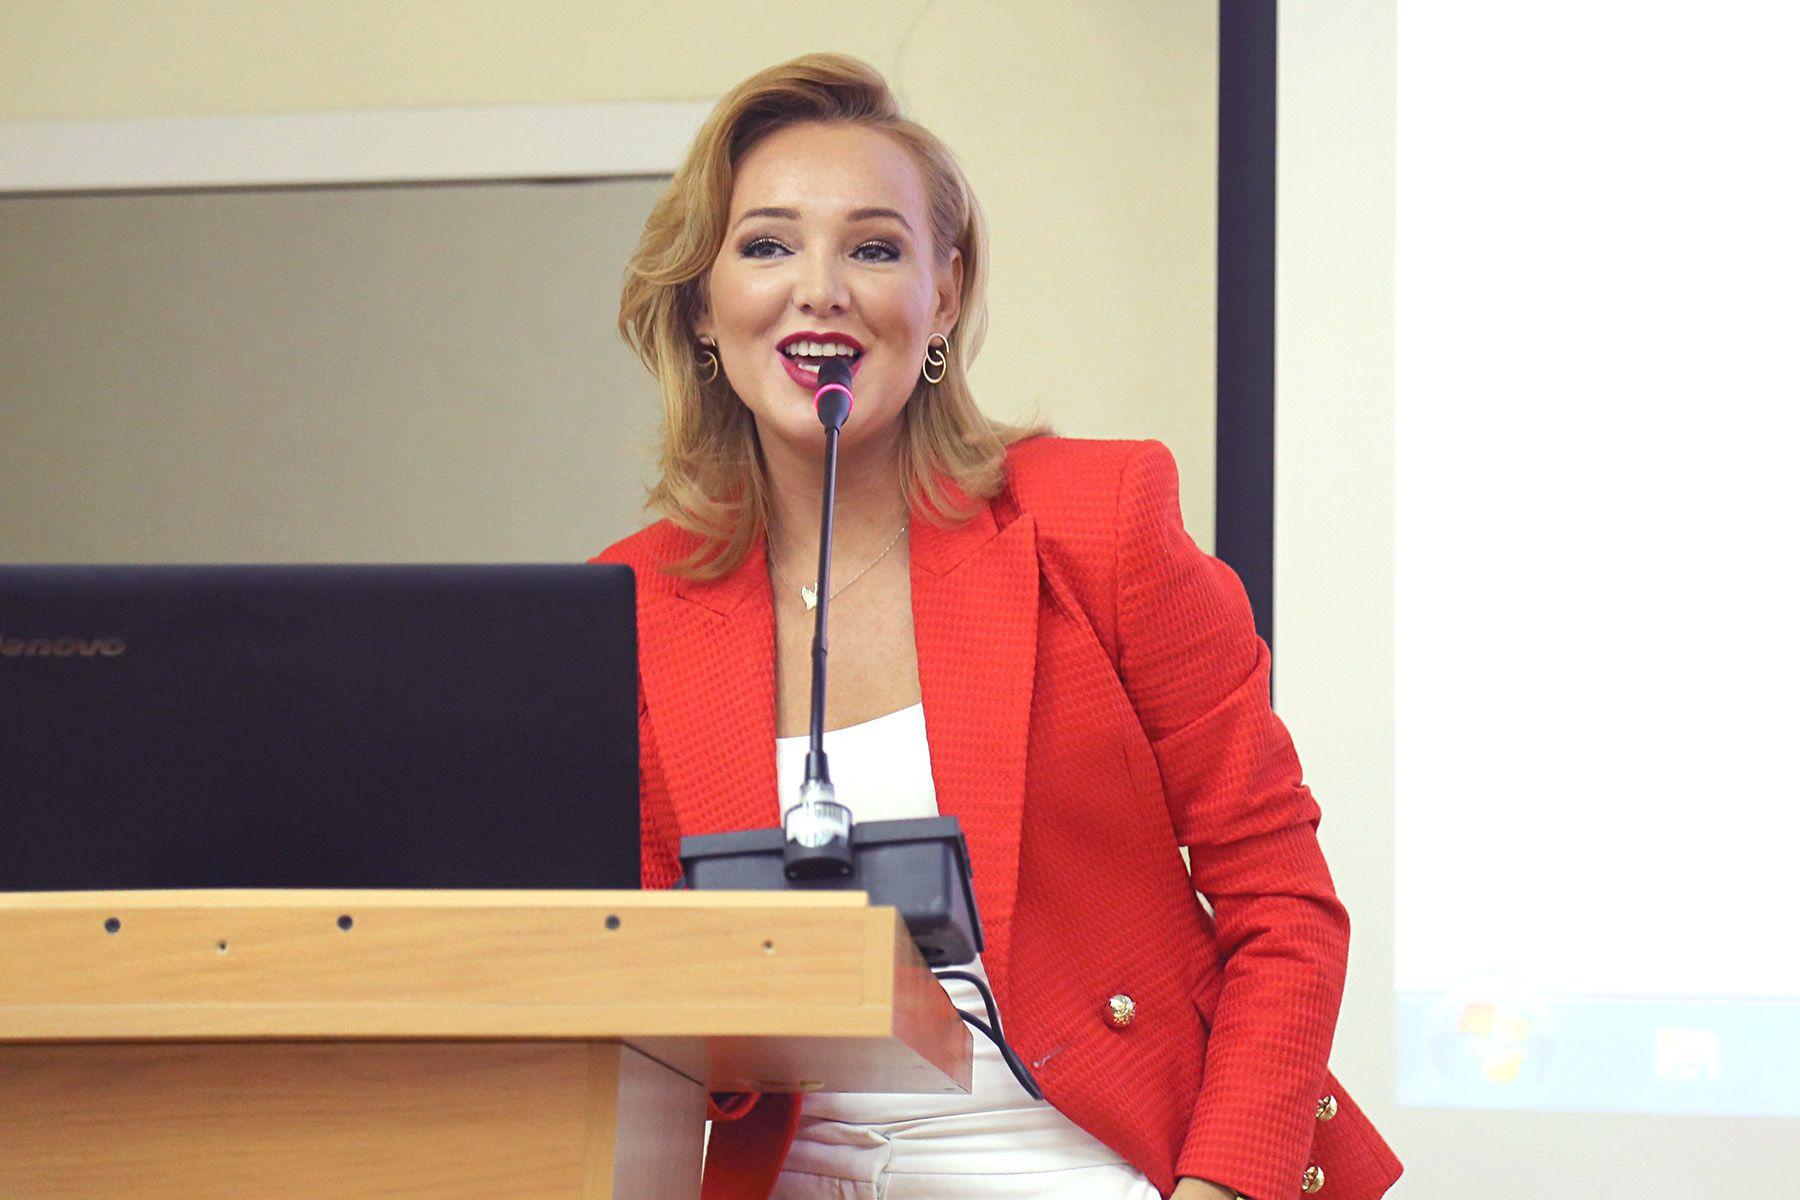 Мастер-класс для студентов ВГУЭС провела ведущая одного из крупнейших телеканалов страны Гузель Камаева